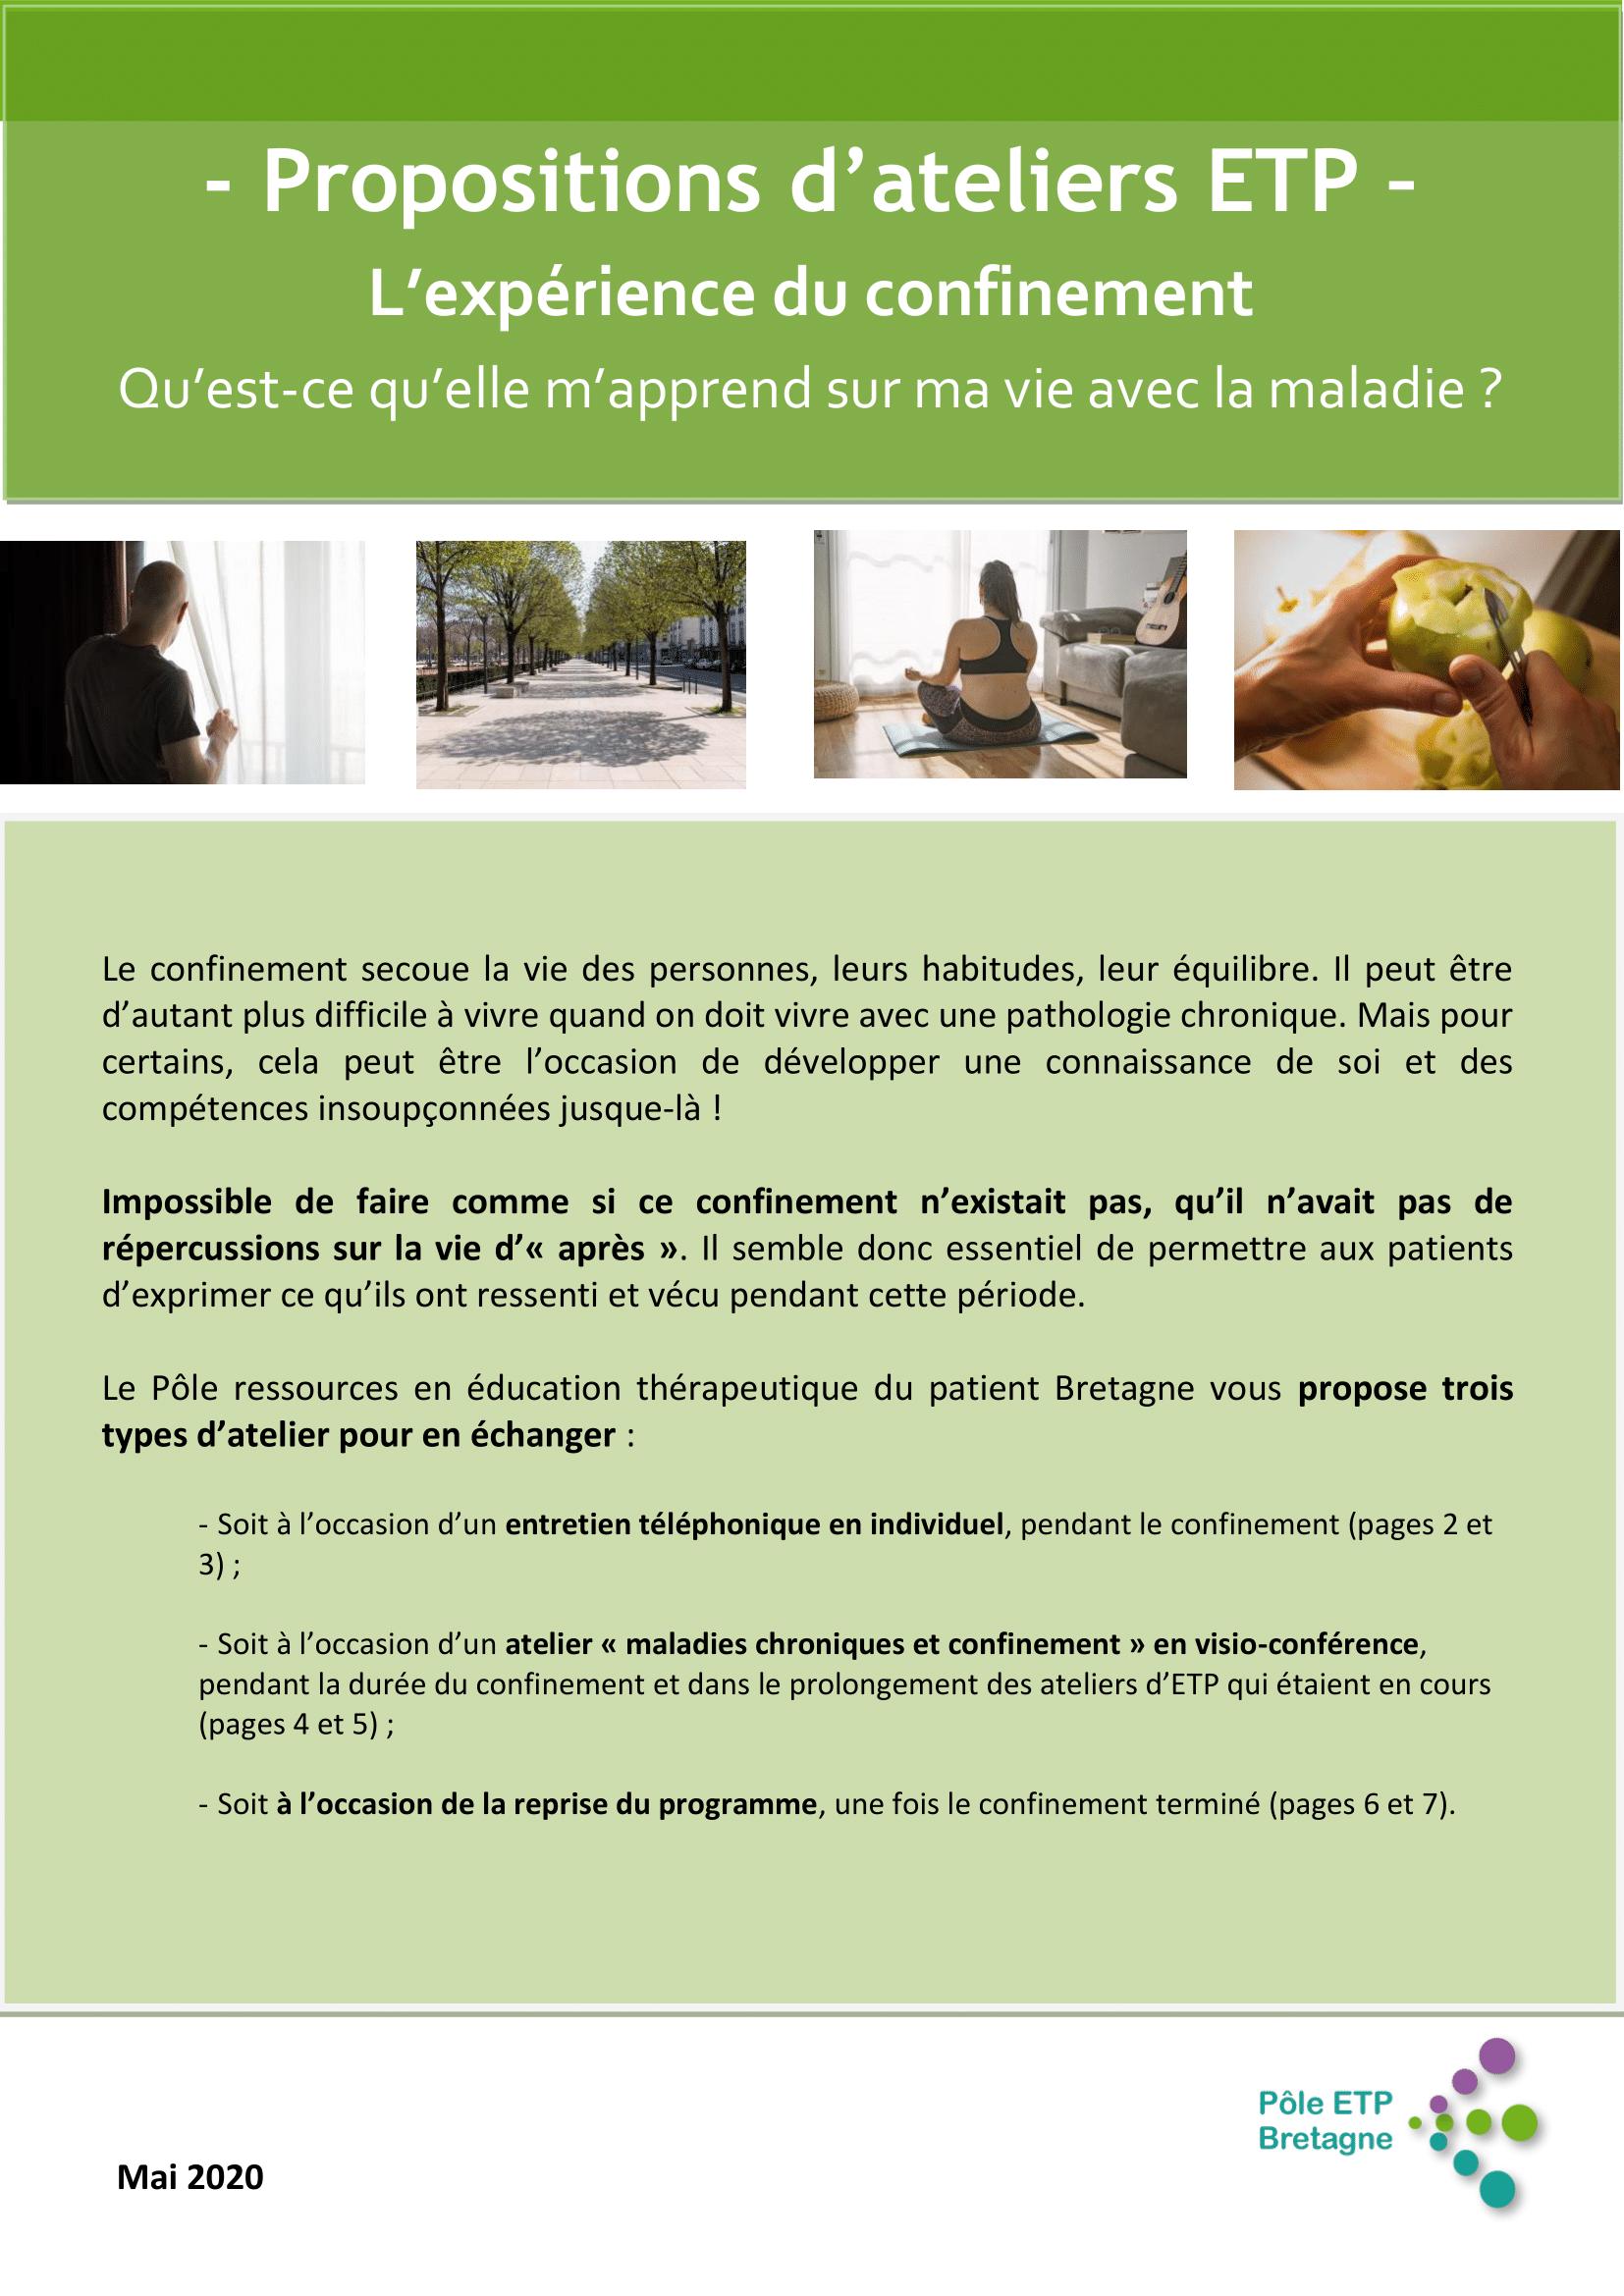 Propositions d'ateliers ETP : L'expérience du confinement, qu'est ce qu'elle m'apprend sur ma vie avec la maladie ?